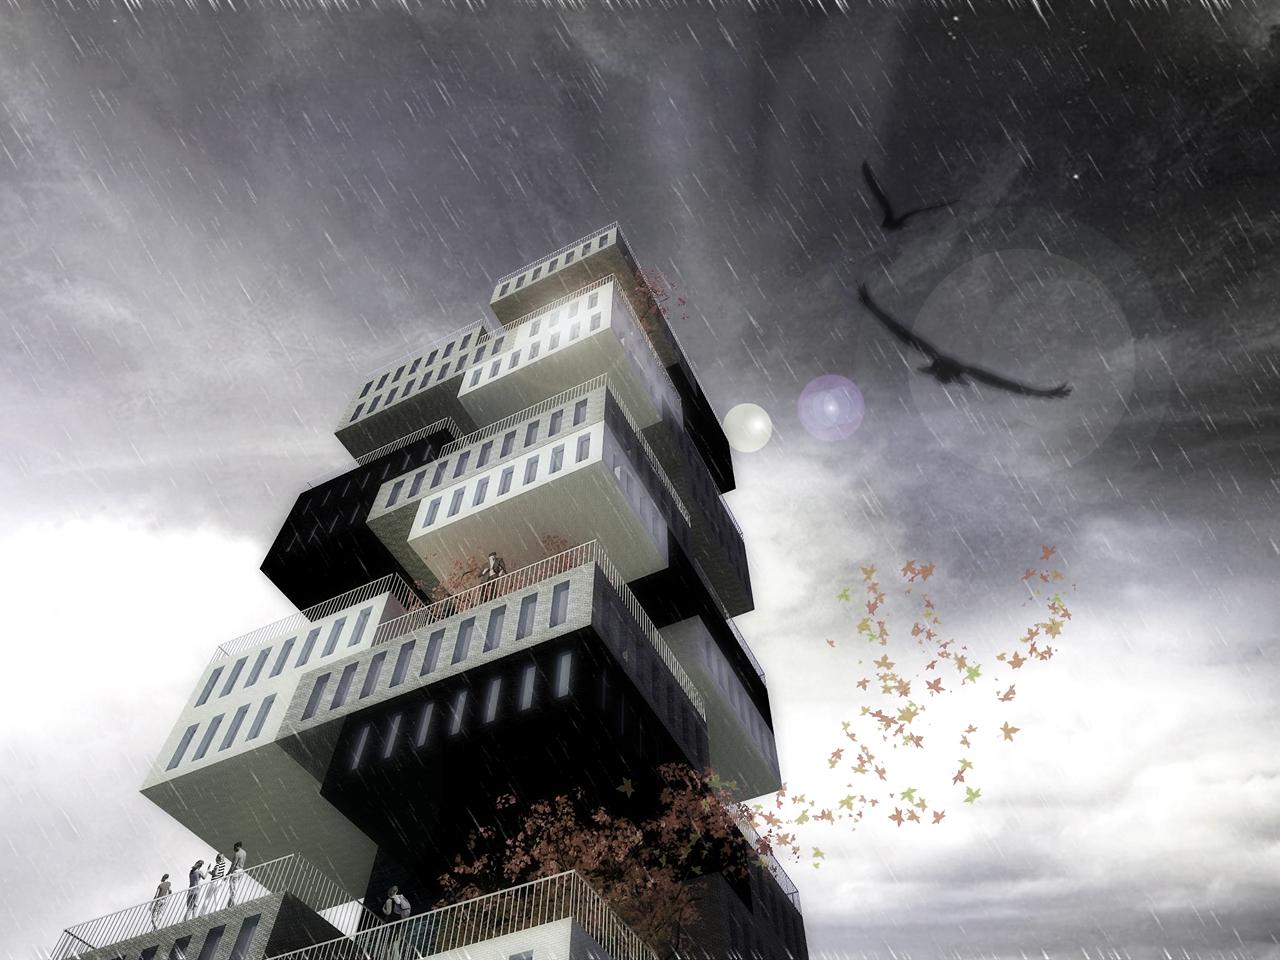 Proposta para o Concurso Europan 11 – Leeuwarden Housing / OODA + OOIIO, Cortesia OODA + OOIIO